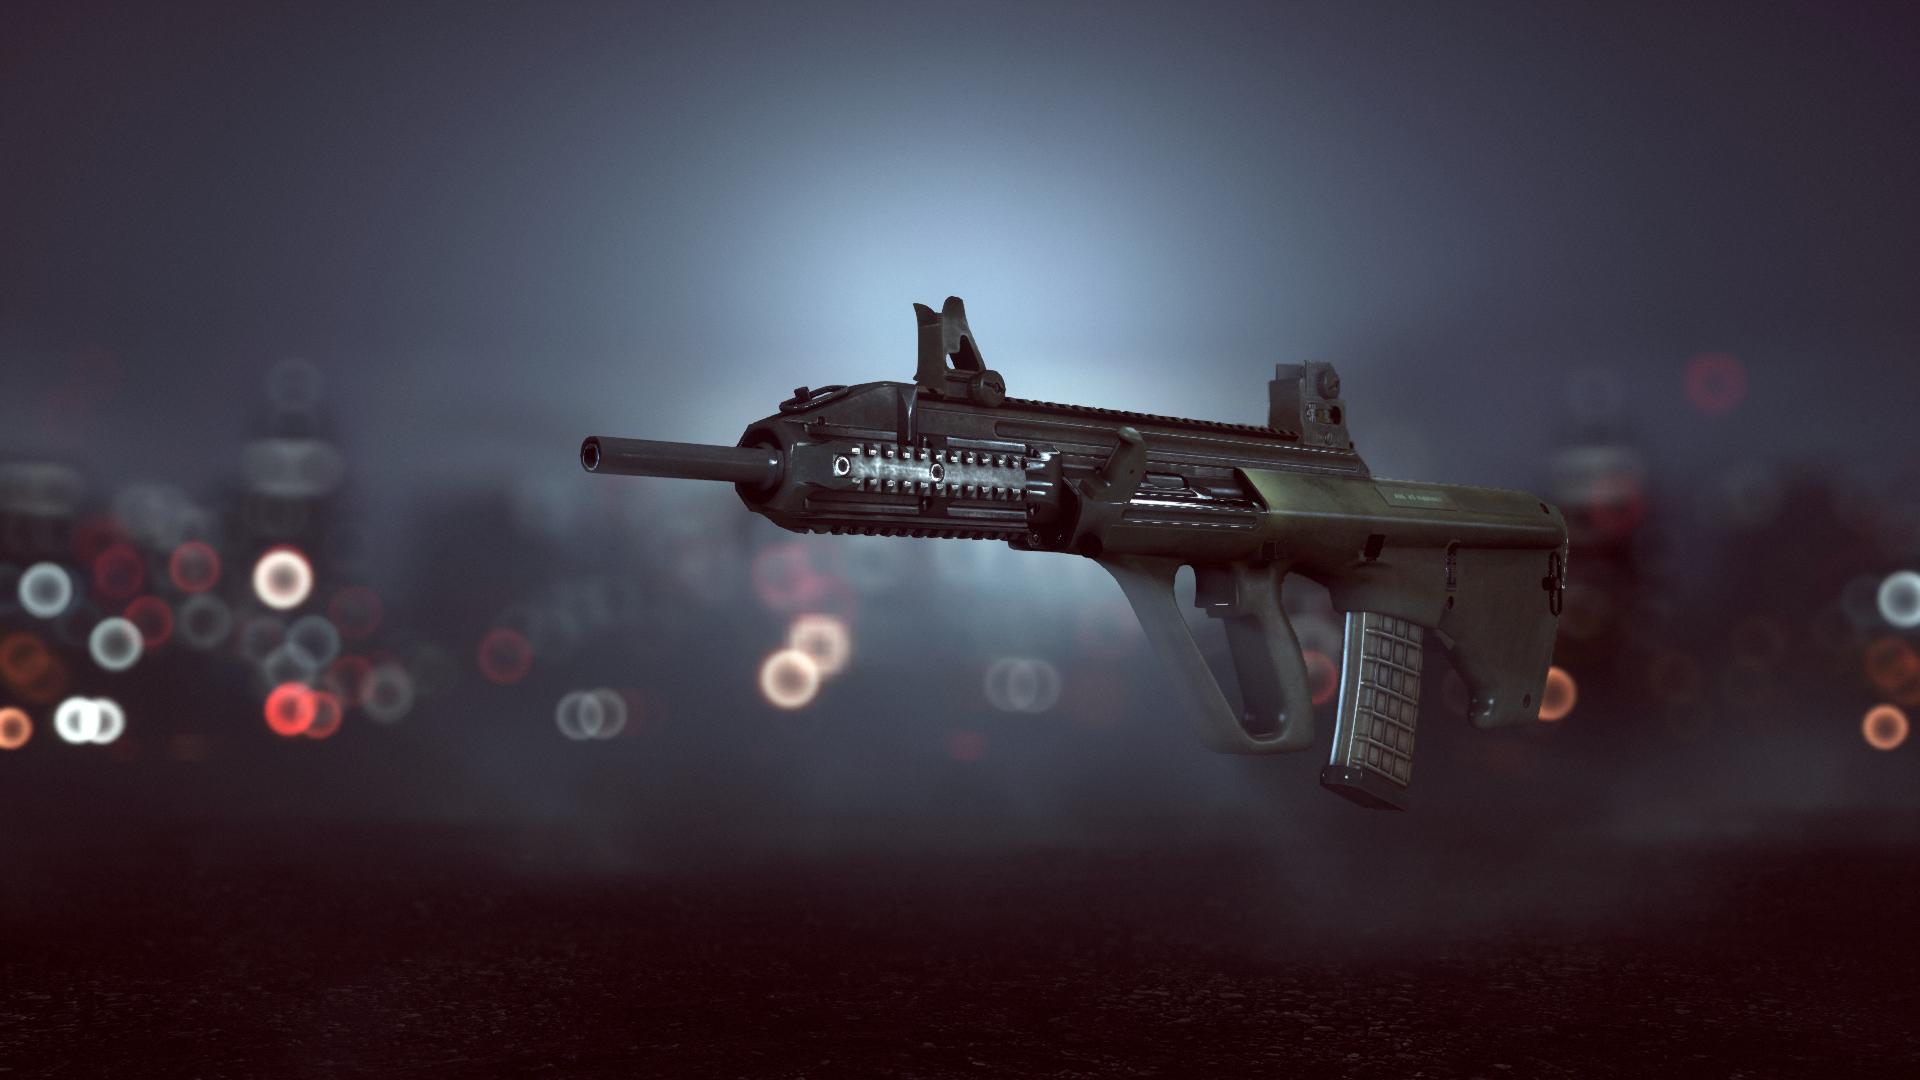 Battlefield 4: почему AUG A3 лучшая штурмовая винтовка для близких и средних дистанций - Изображение 2